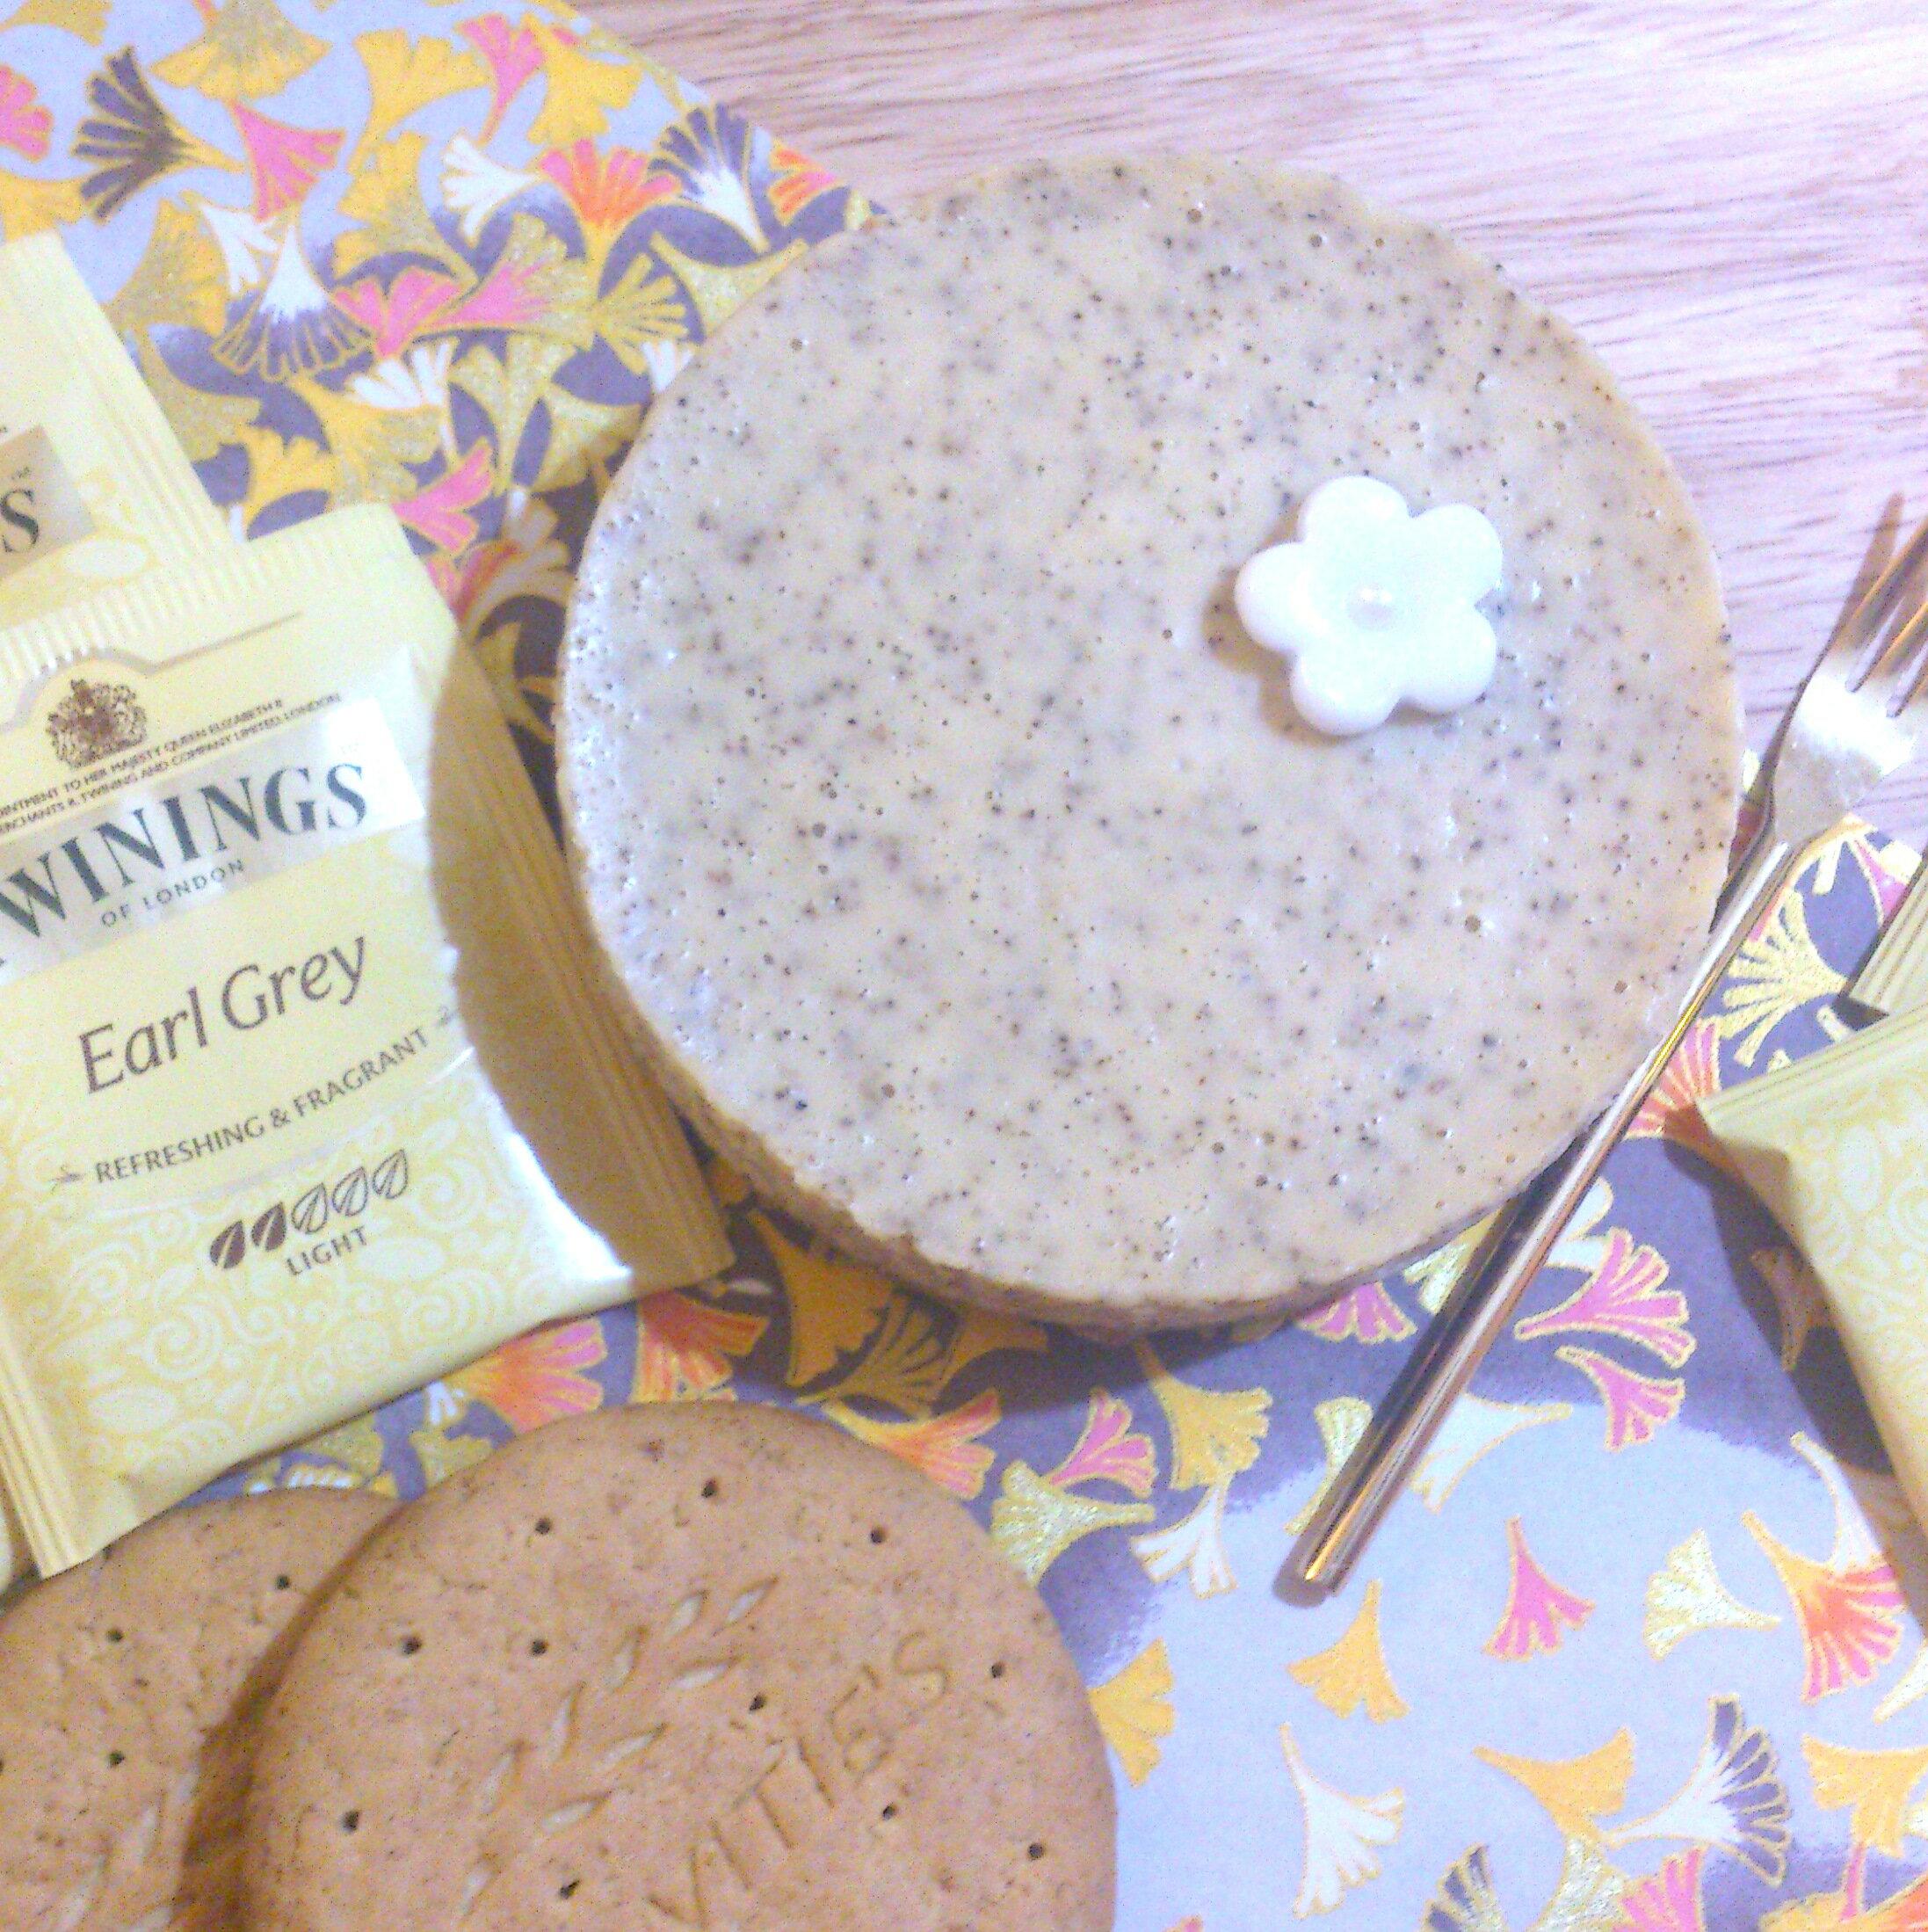 【櫻之手作烘焙糕點】伯爵奶茶重乳酪蛋糕 3.5吋 「百元就有的伯爵級享受!!→全館蛋糕免運費」→採用英國唐寧伯爵茶製作,只要搭配簡單的牛奶,配上來自英國的小麥餅乾,也能享受到英國下午茶的FU。